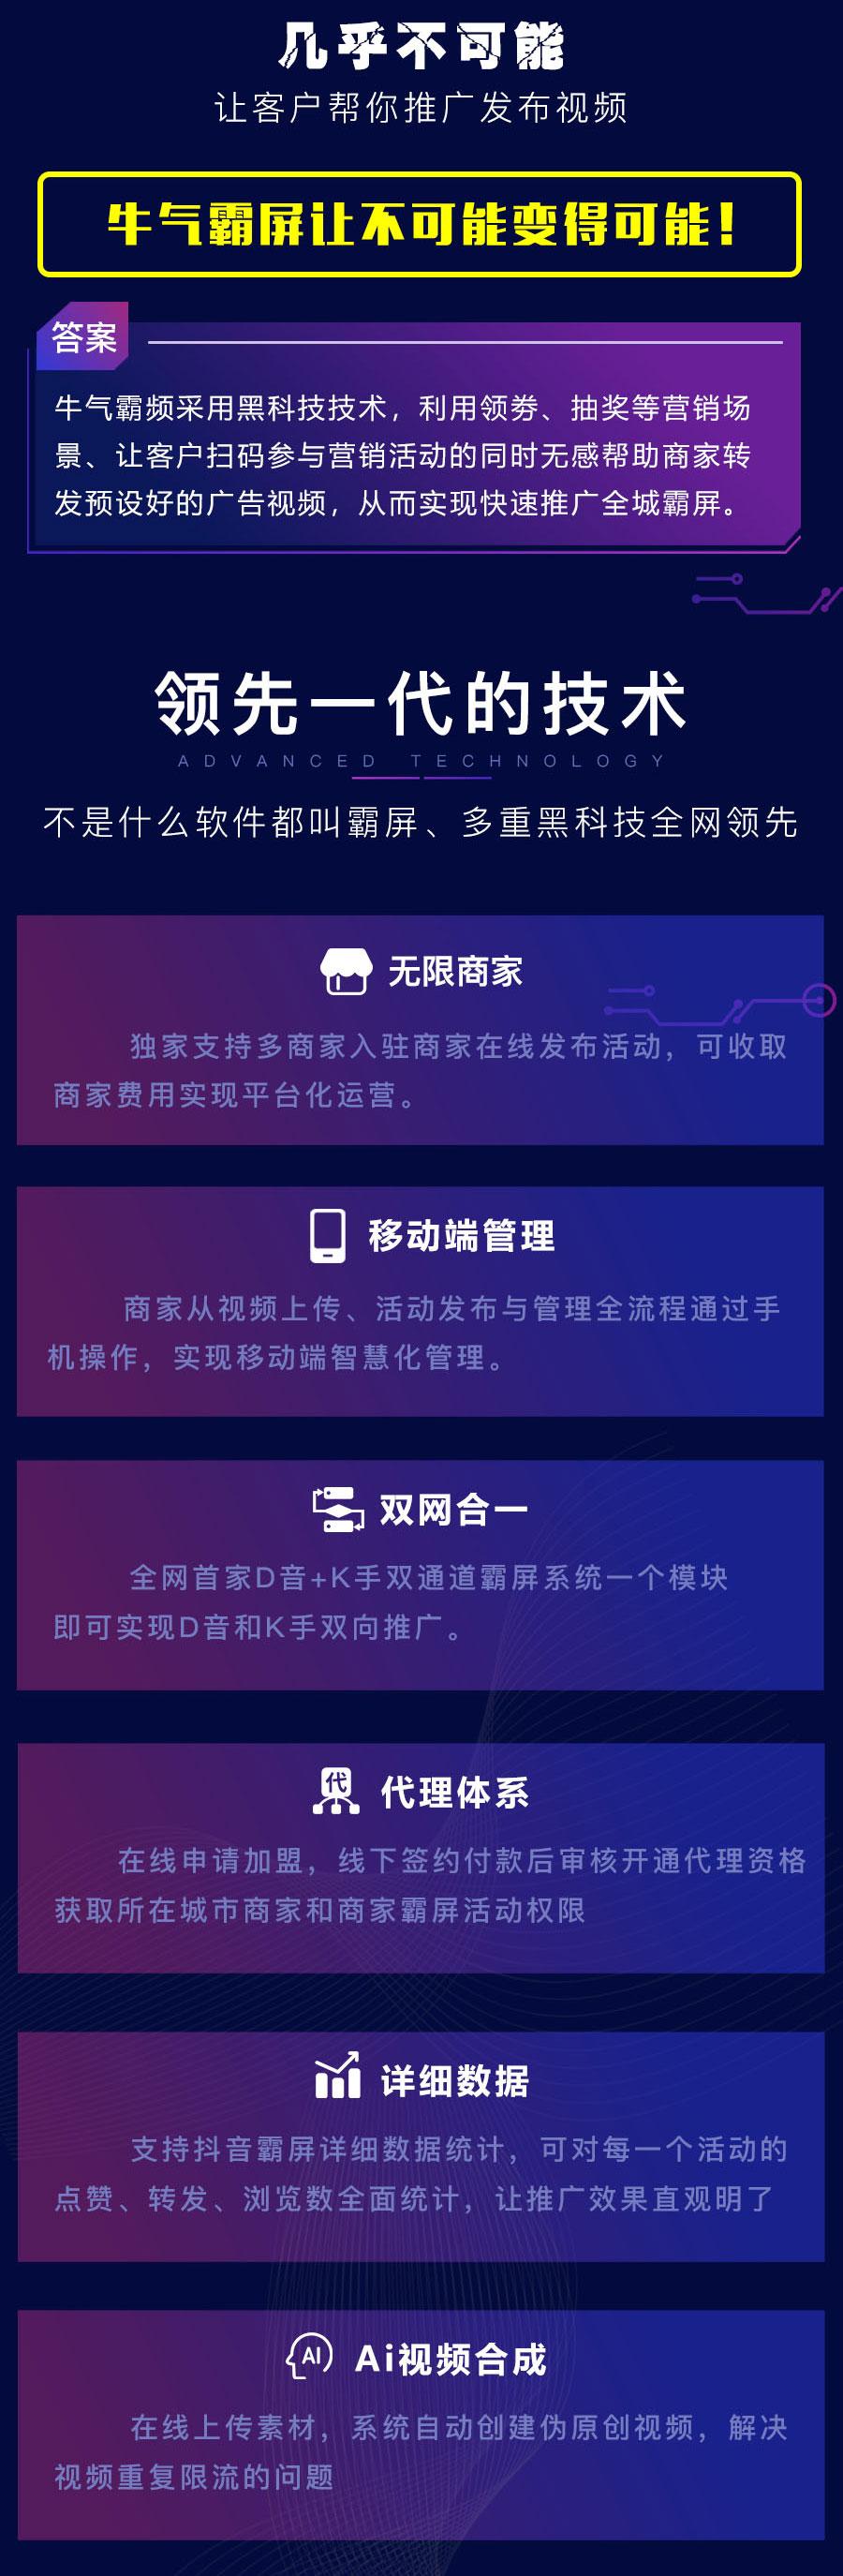 【更新】牛气霸屏3.3.1 补丁版本